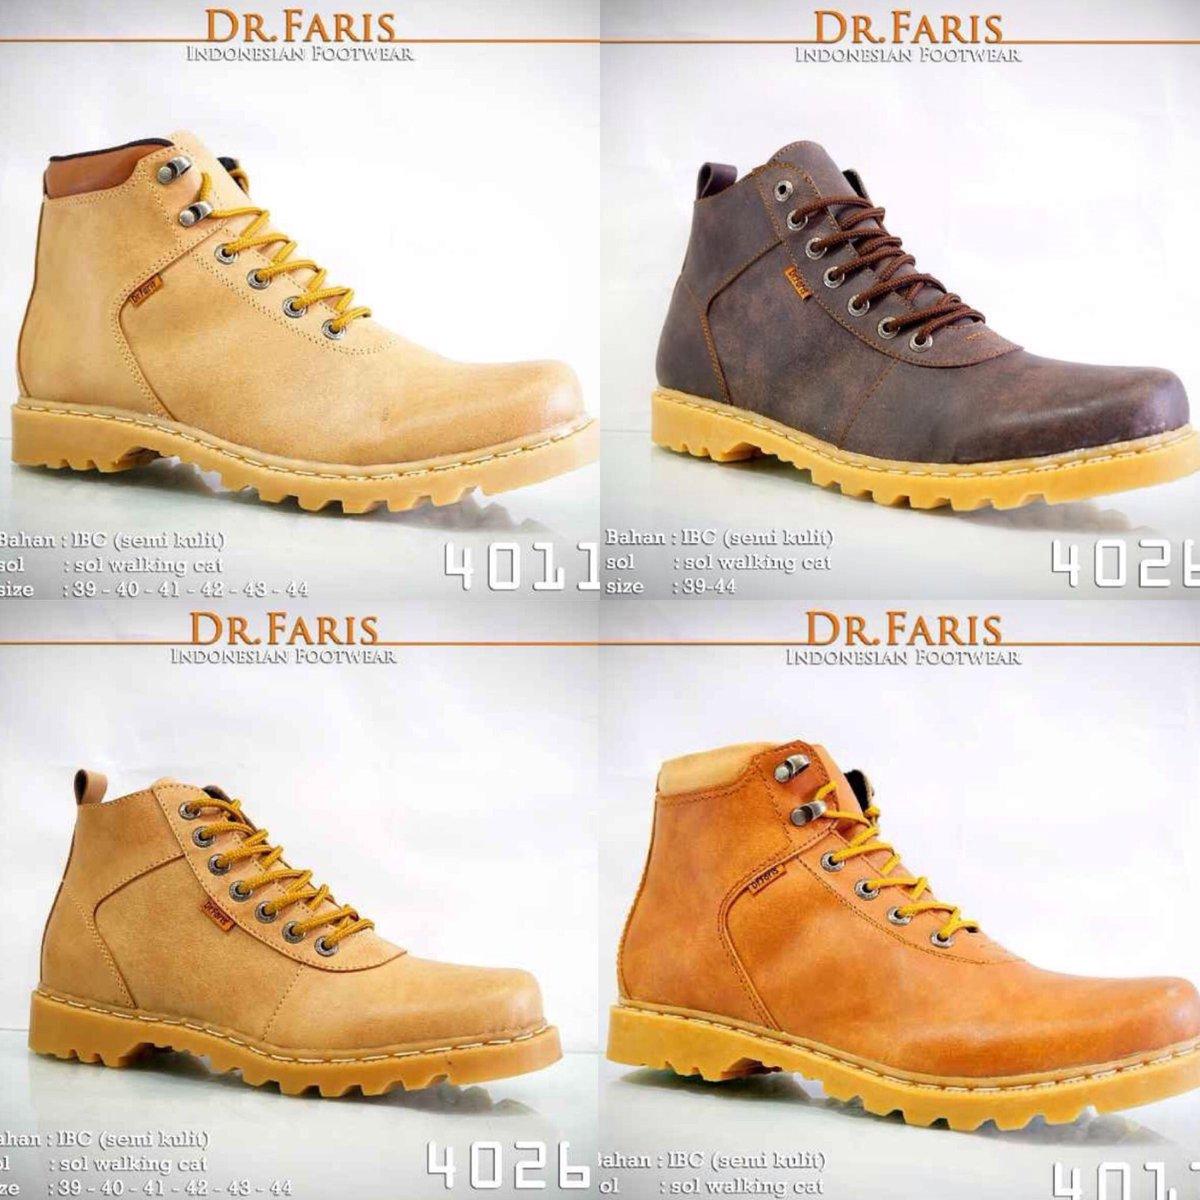 Iklan Terupdate Twitter Cepc Sepatu Kulit Cocoes Pantofel 0 Replies 1 Retweet Likes